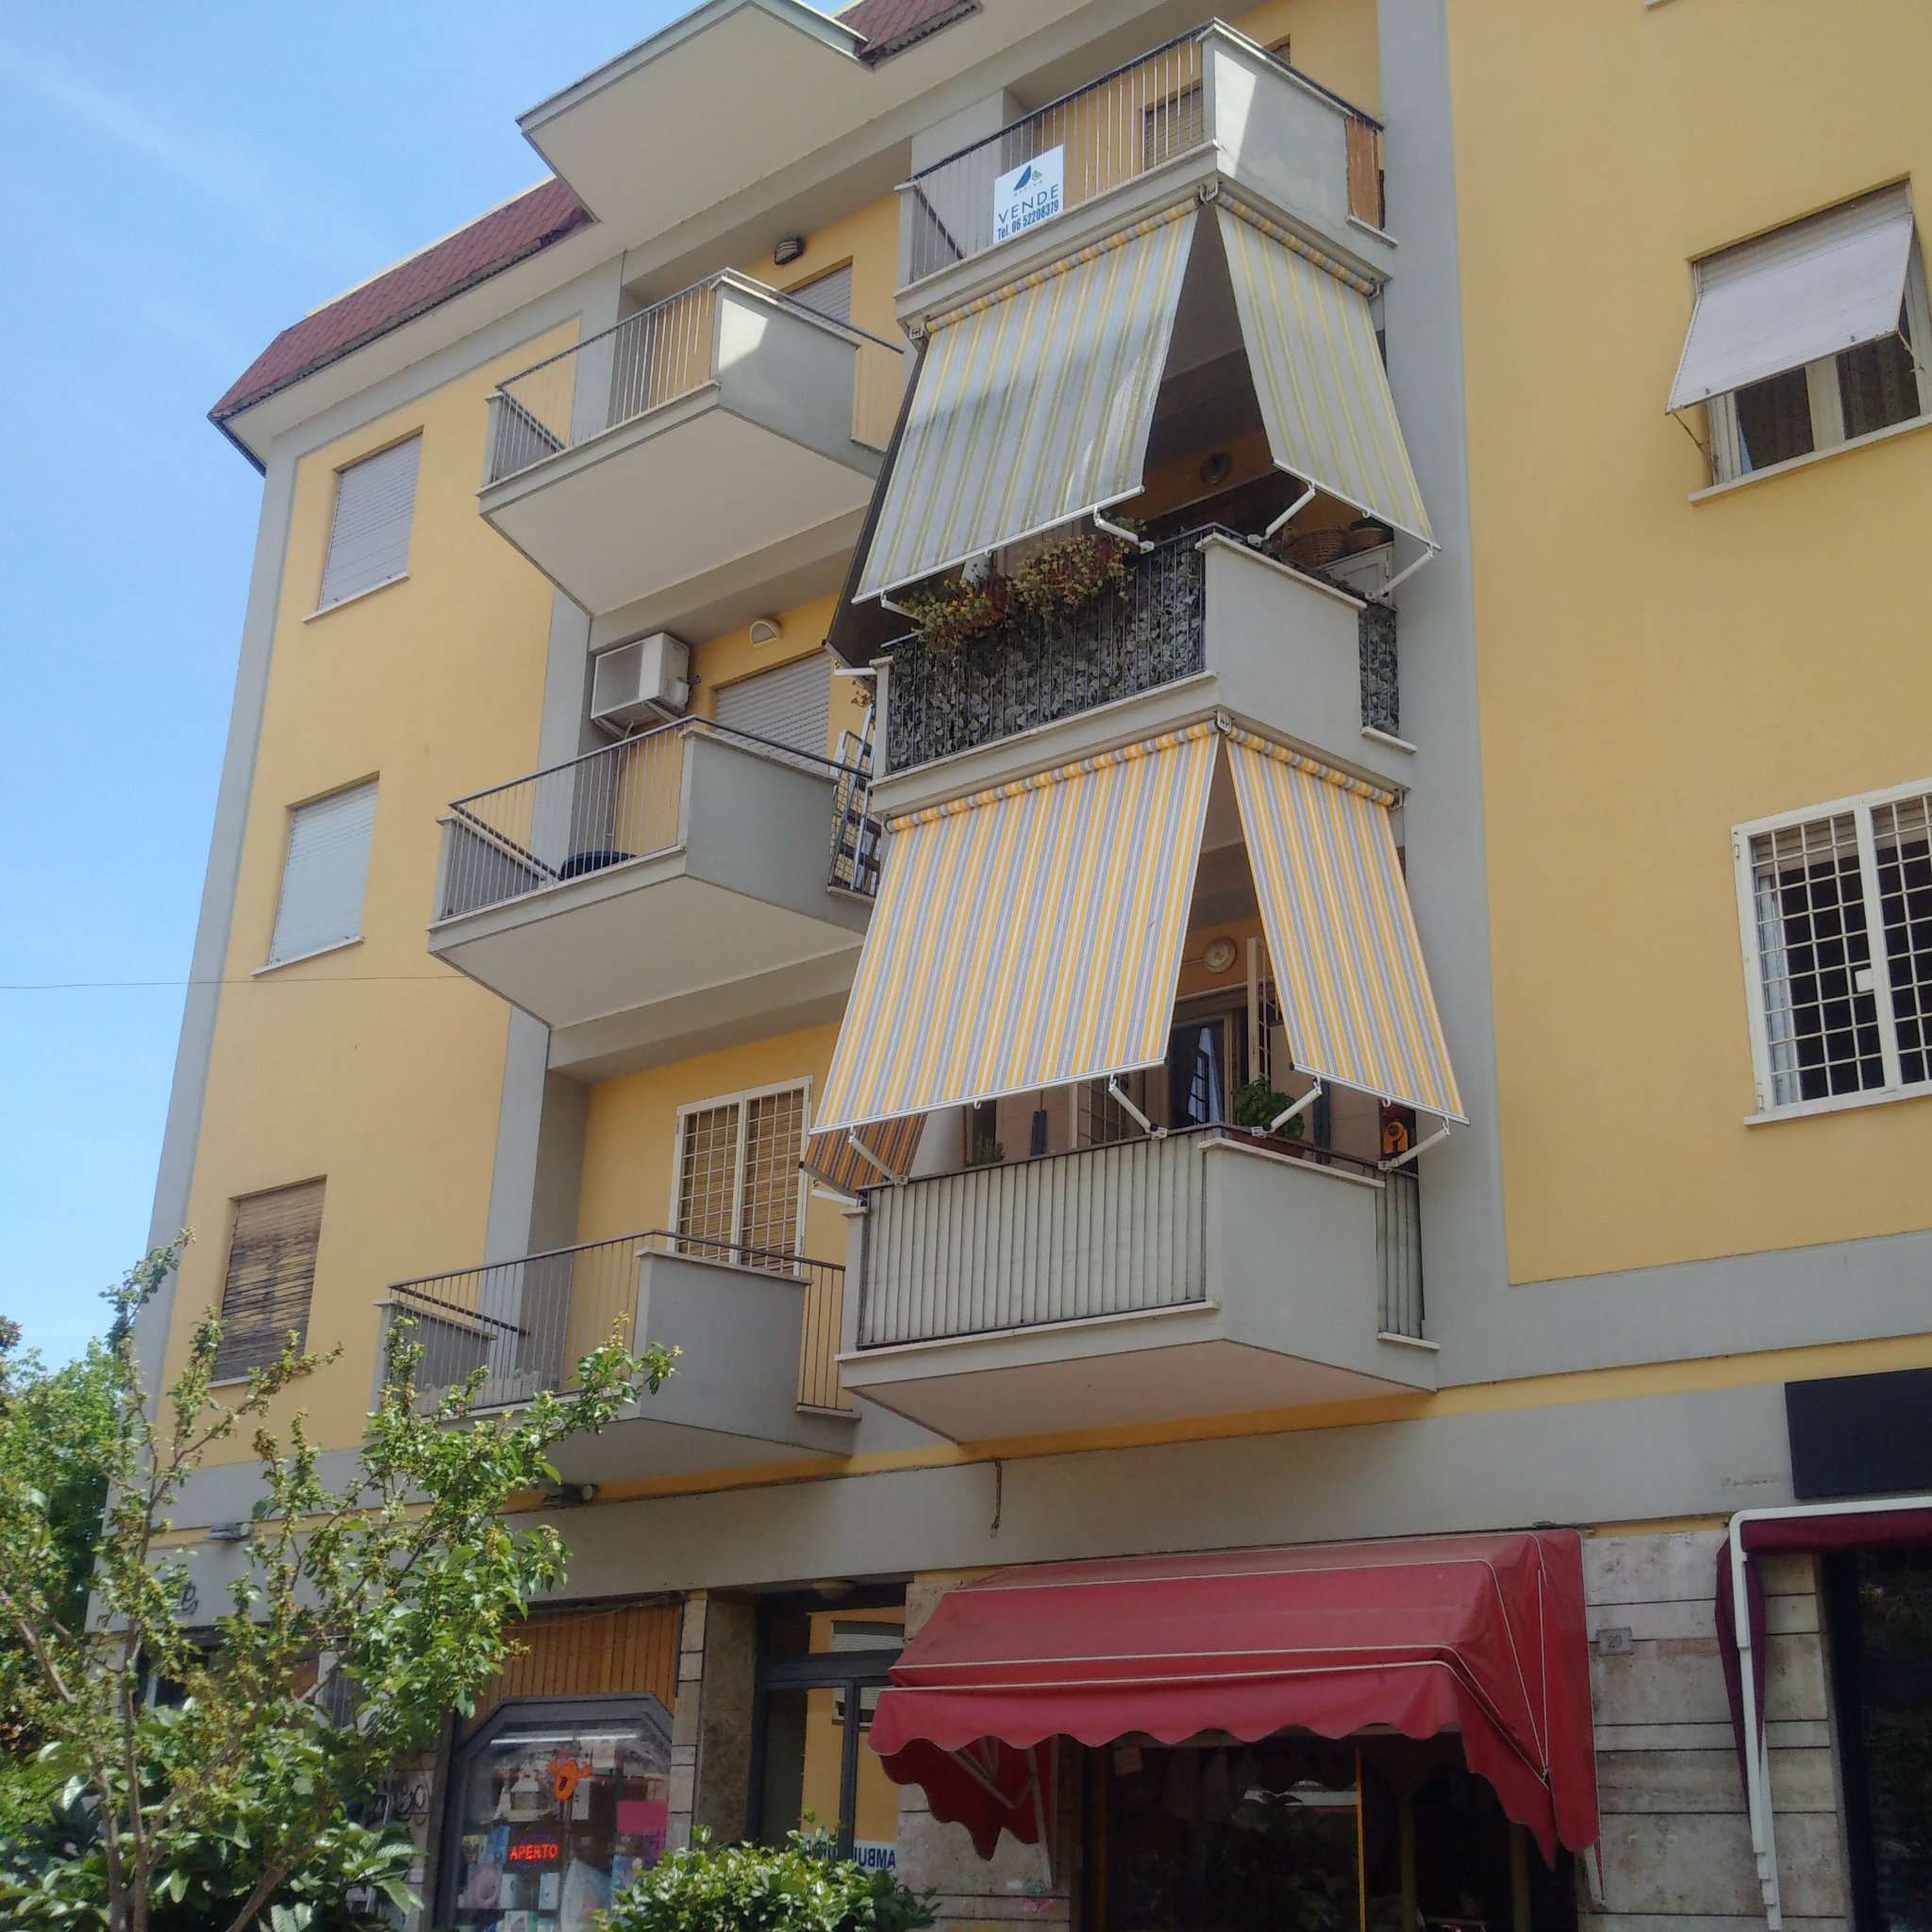 Appartamento in vendita a Ciampino, 4 locali, prezzo € 185.000 | CambioCasa.it